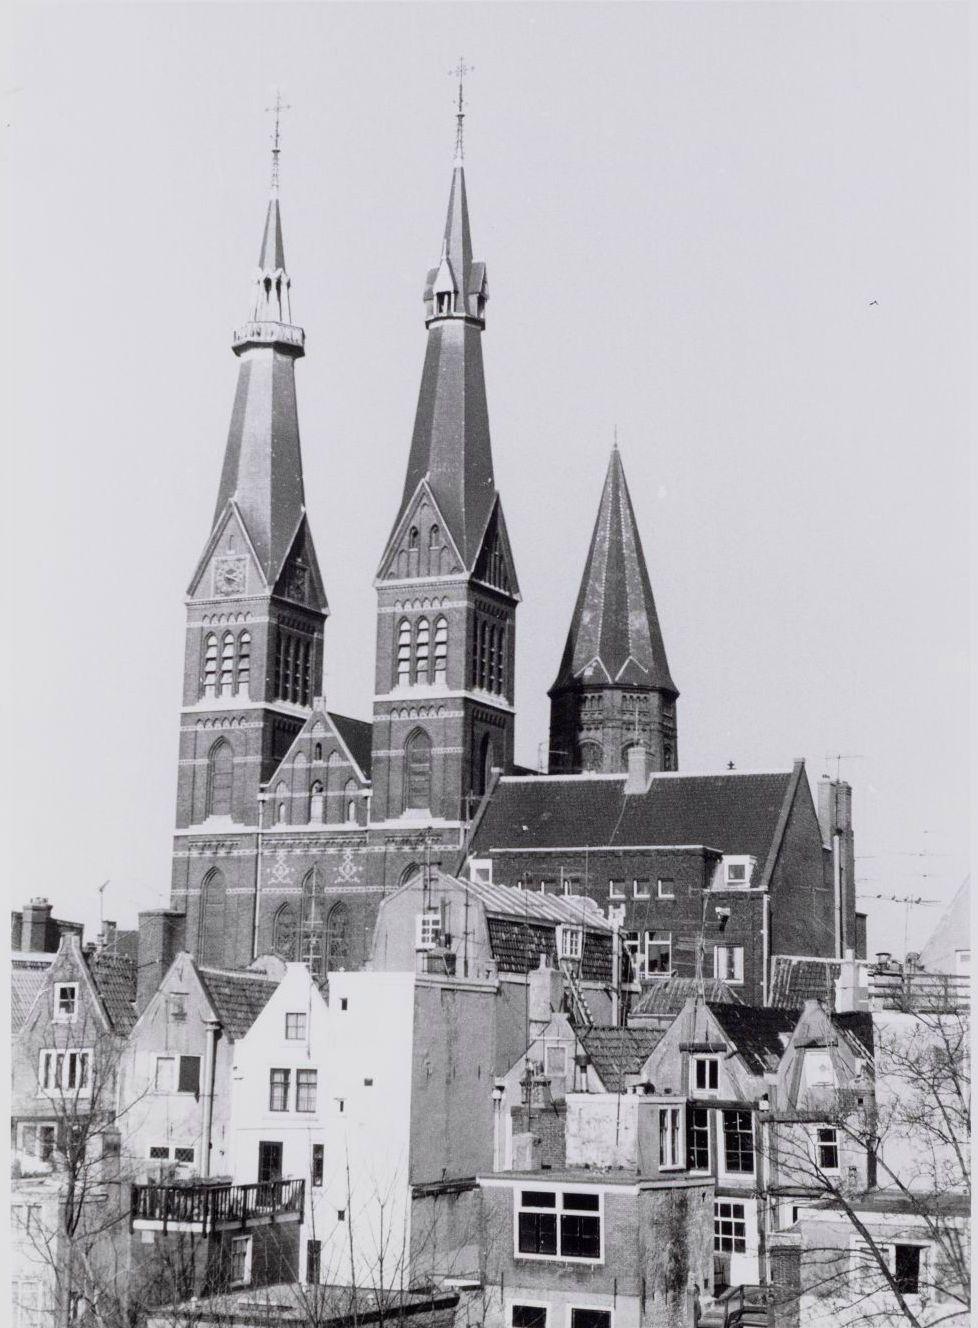 De Posthoornkerk gezien vanuit huizen aan de Brouwersgracht